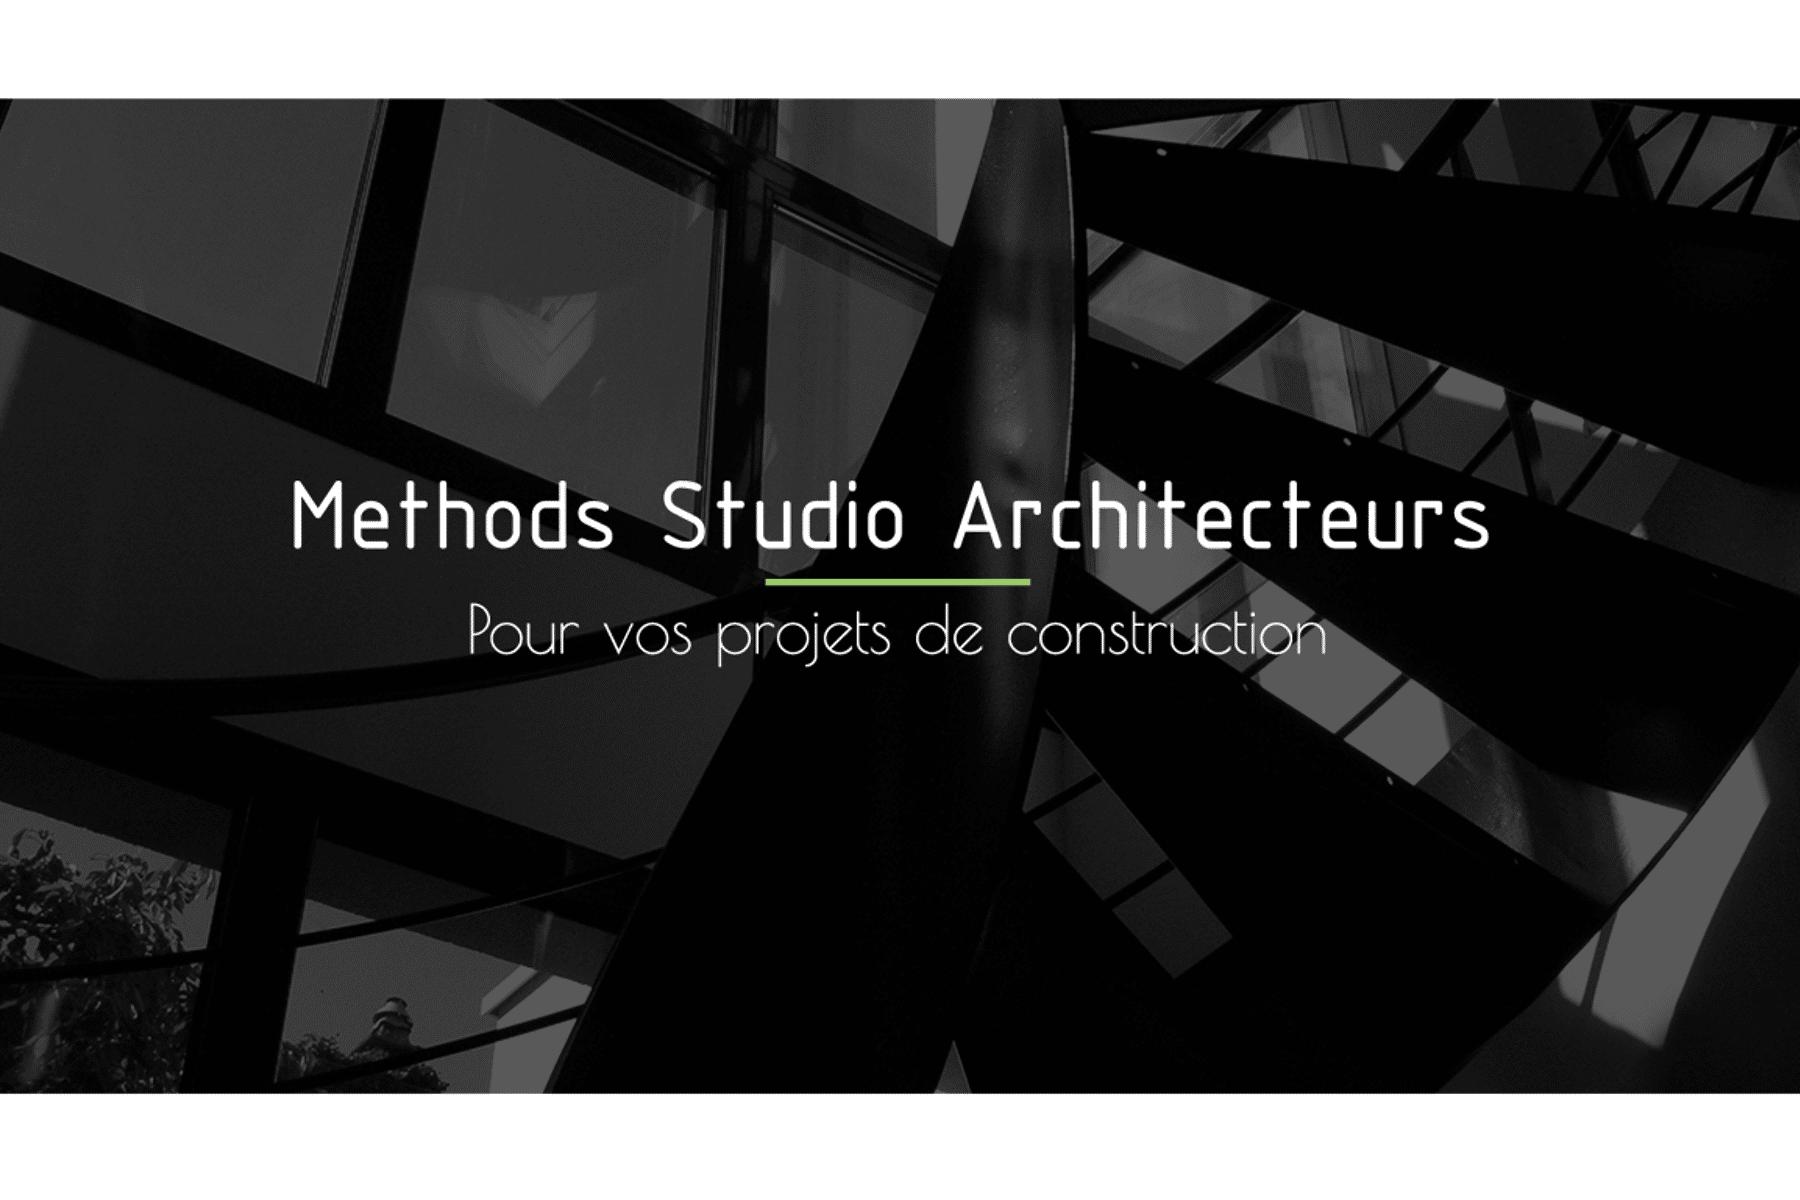 Couverture de METHODS STUDIO ARCHITECTEURS